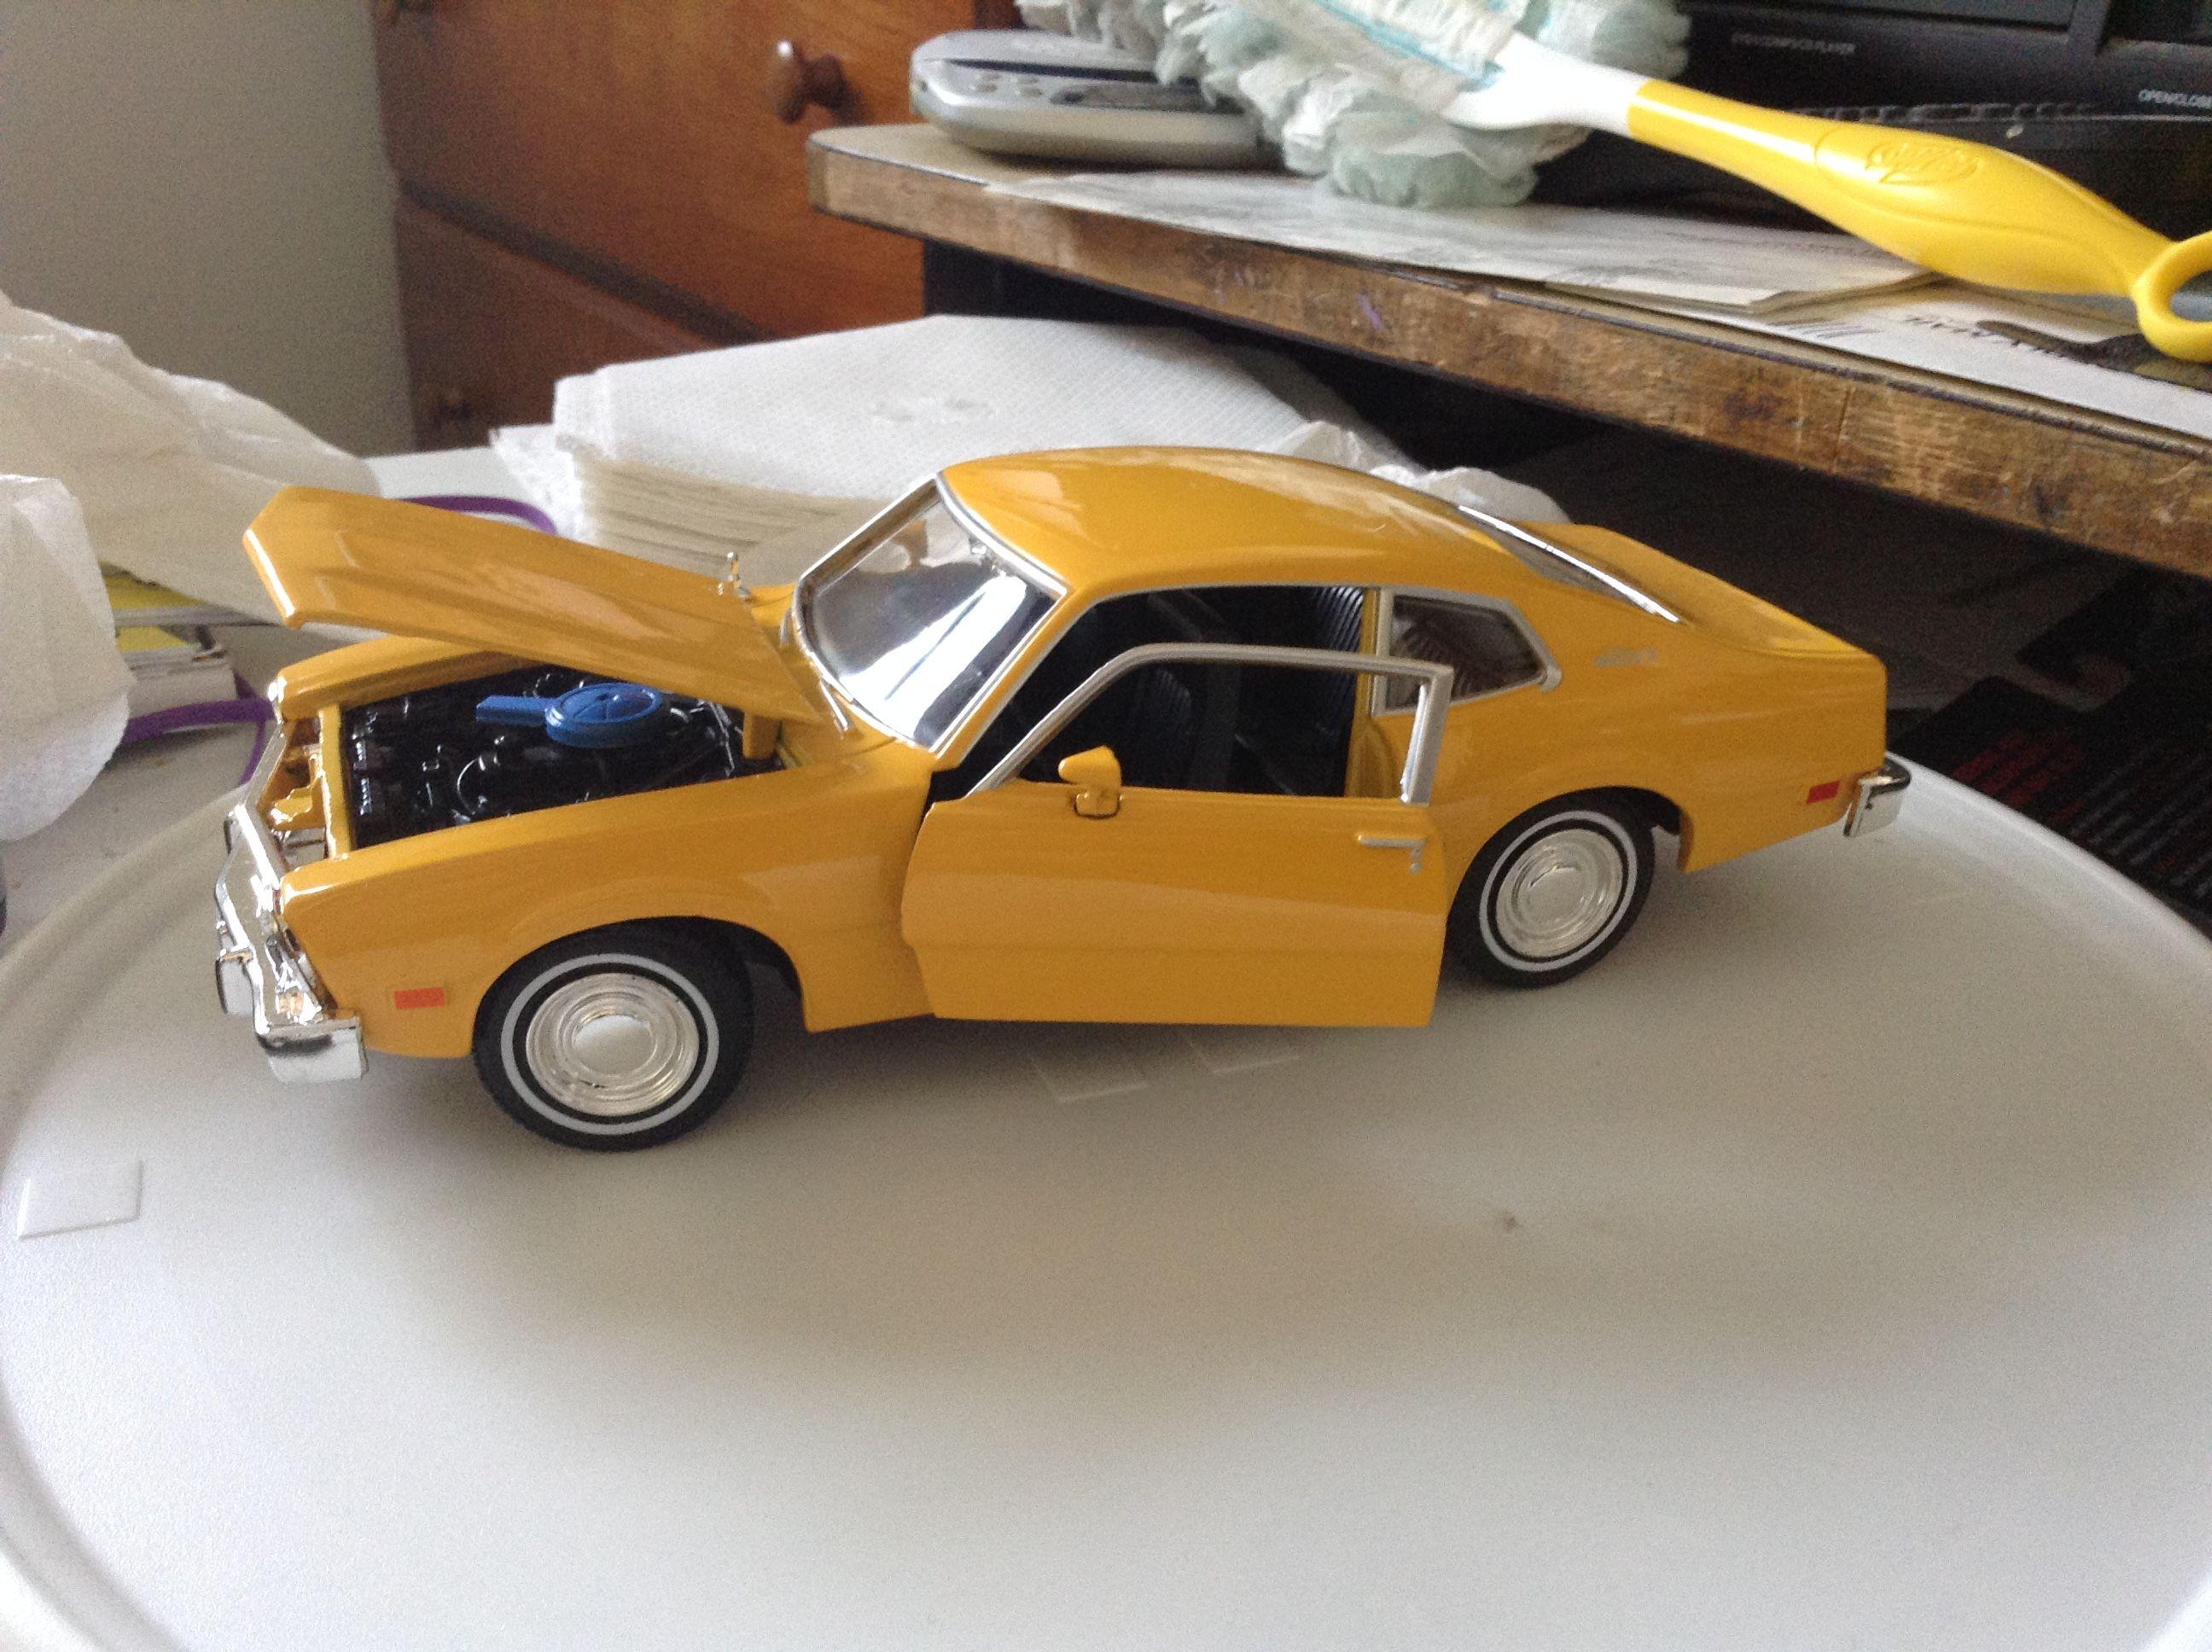 1974 Ford Maverick Ford Maverick Car Model Model Kit